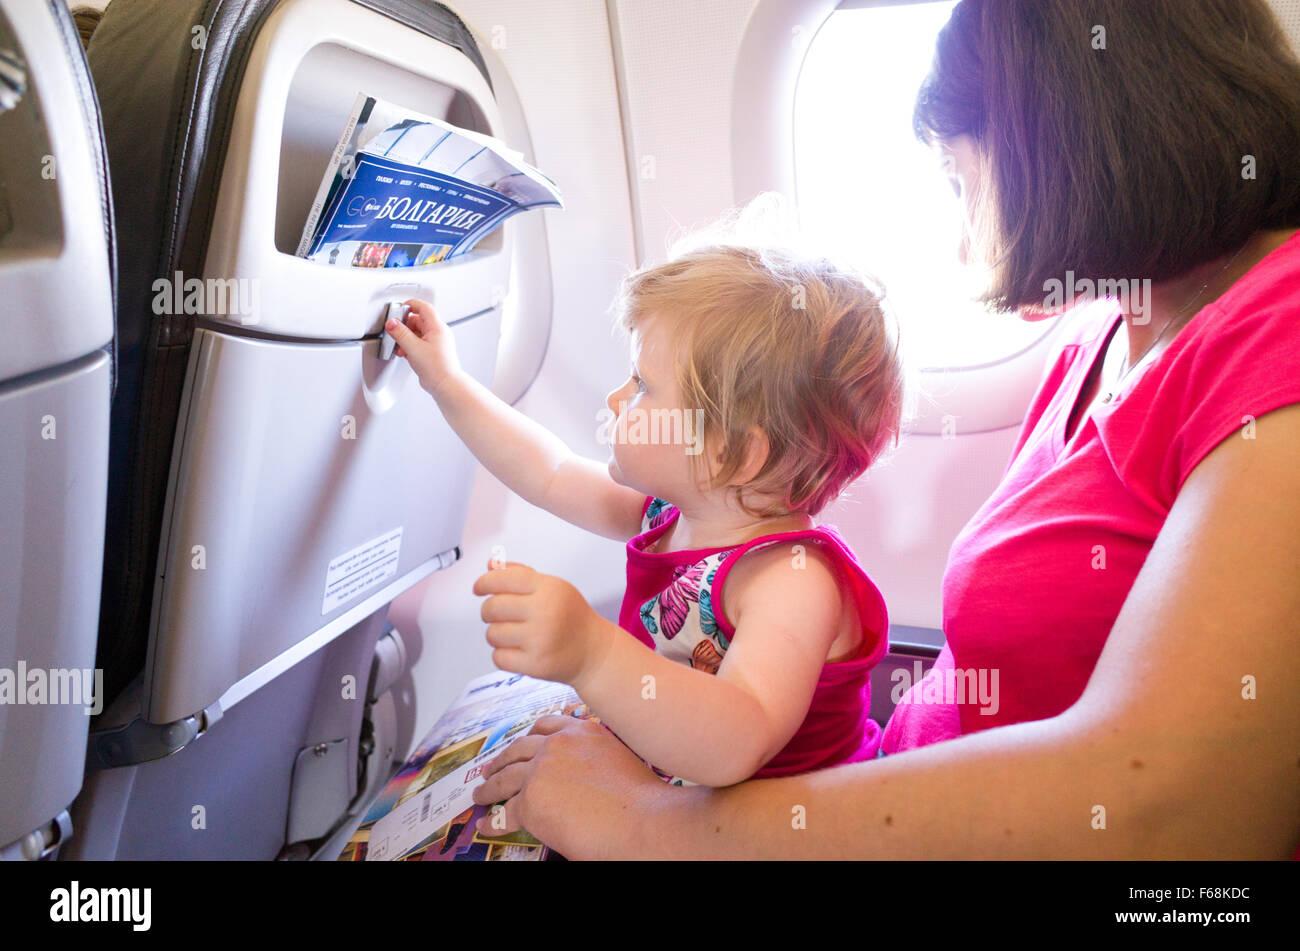 Mère voyageant avec un bébé de l'année dans un avion Photo Stock